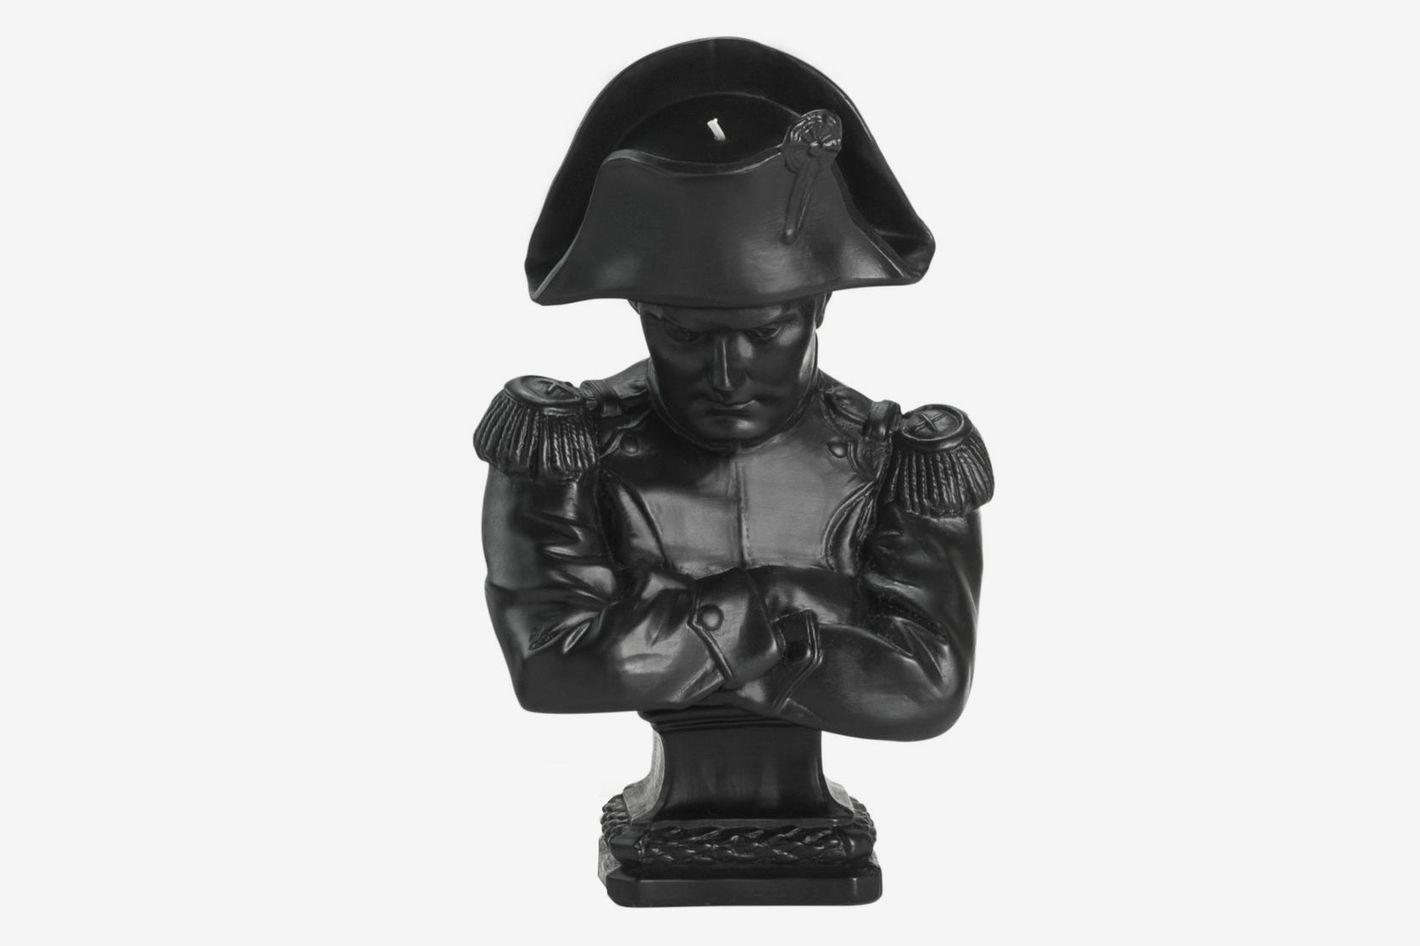 Cire Trudon Napoleon Candle